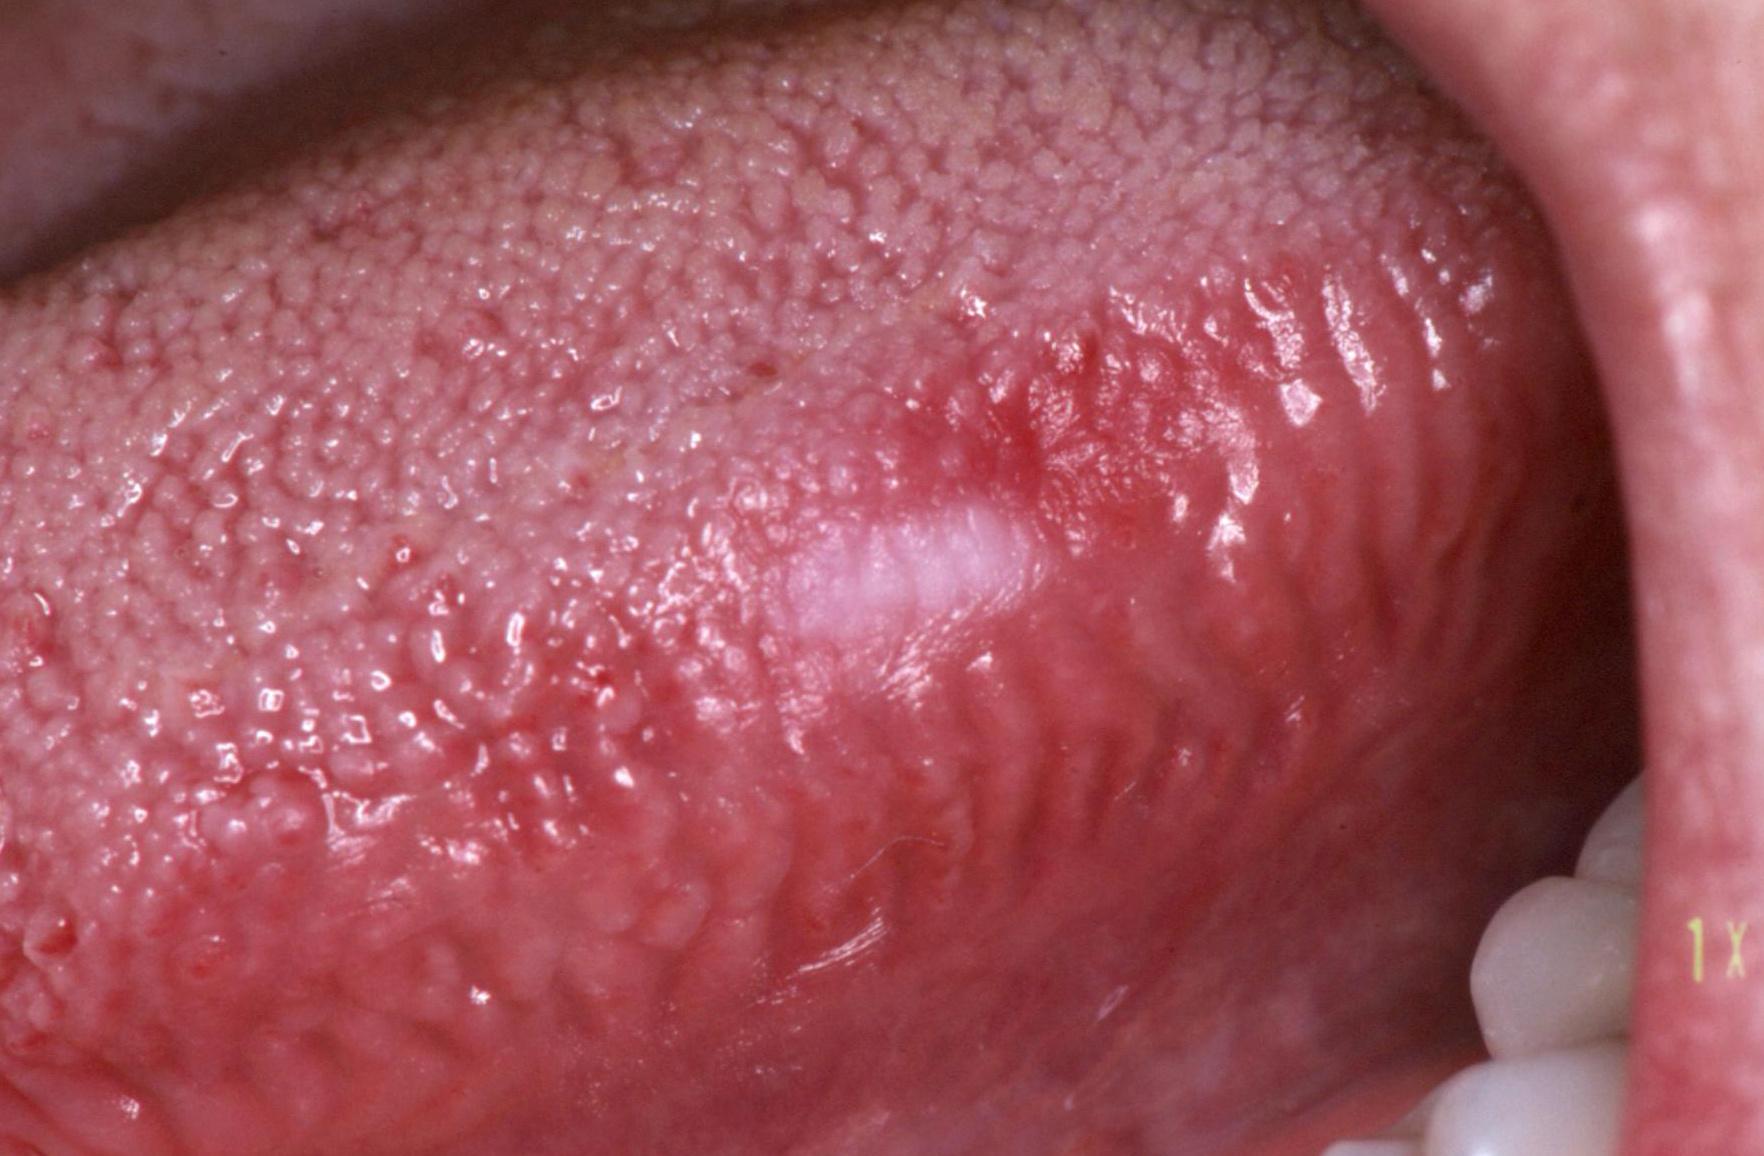 papilloma szemölcs a szájban